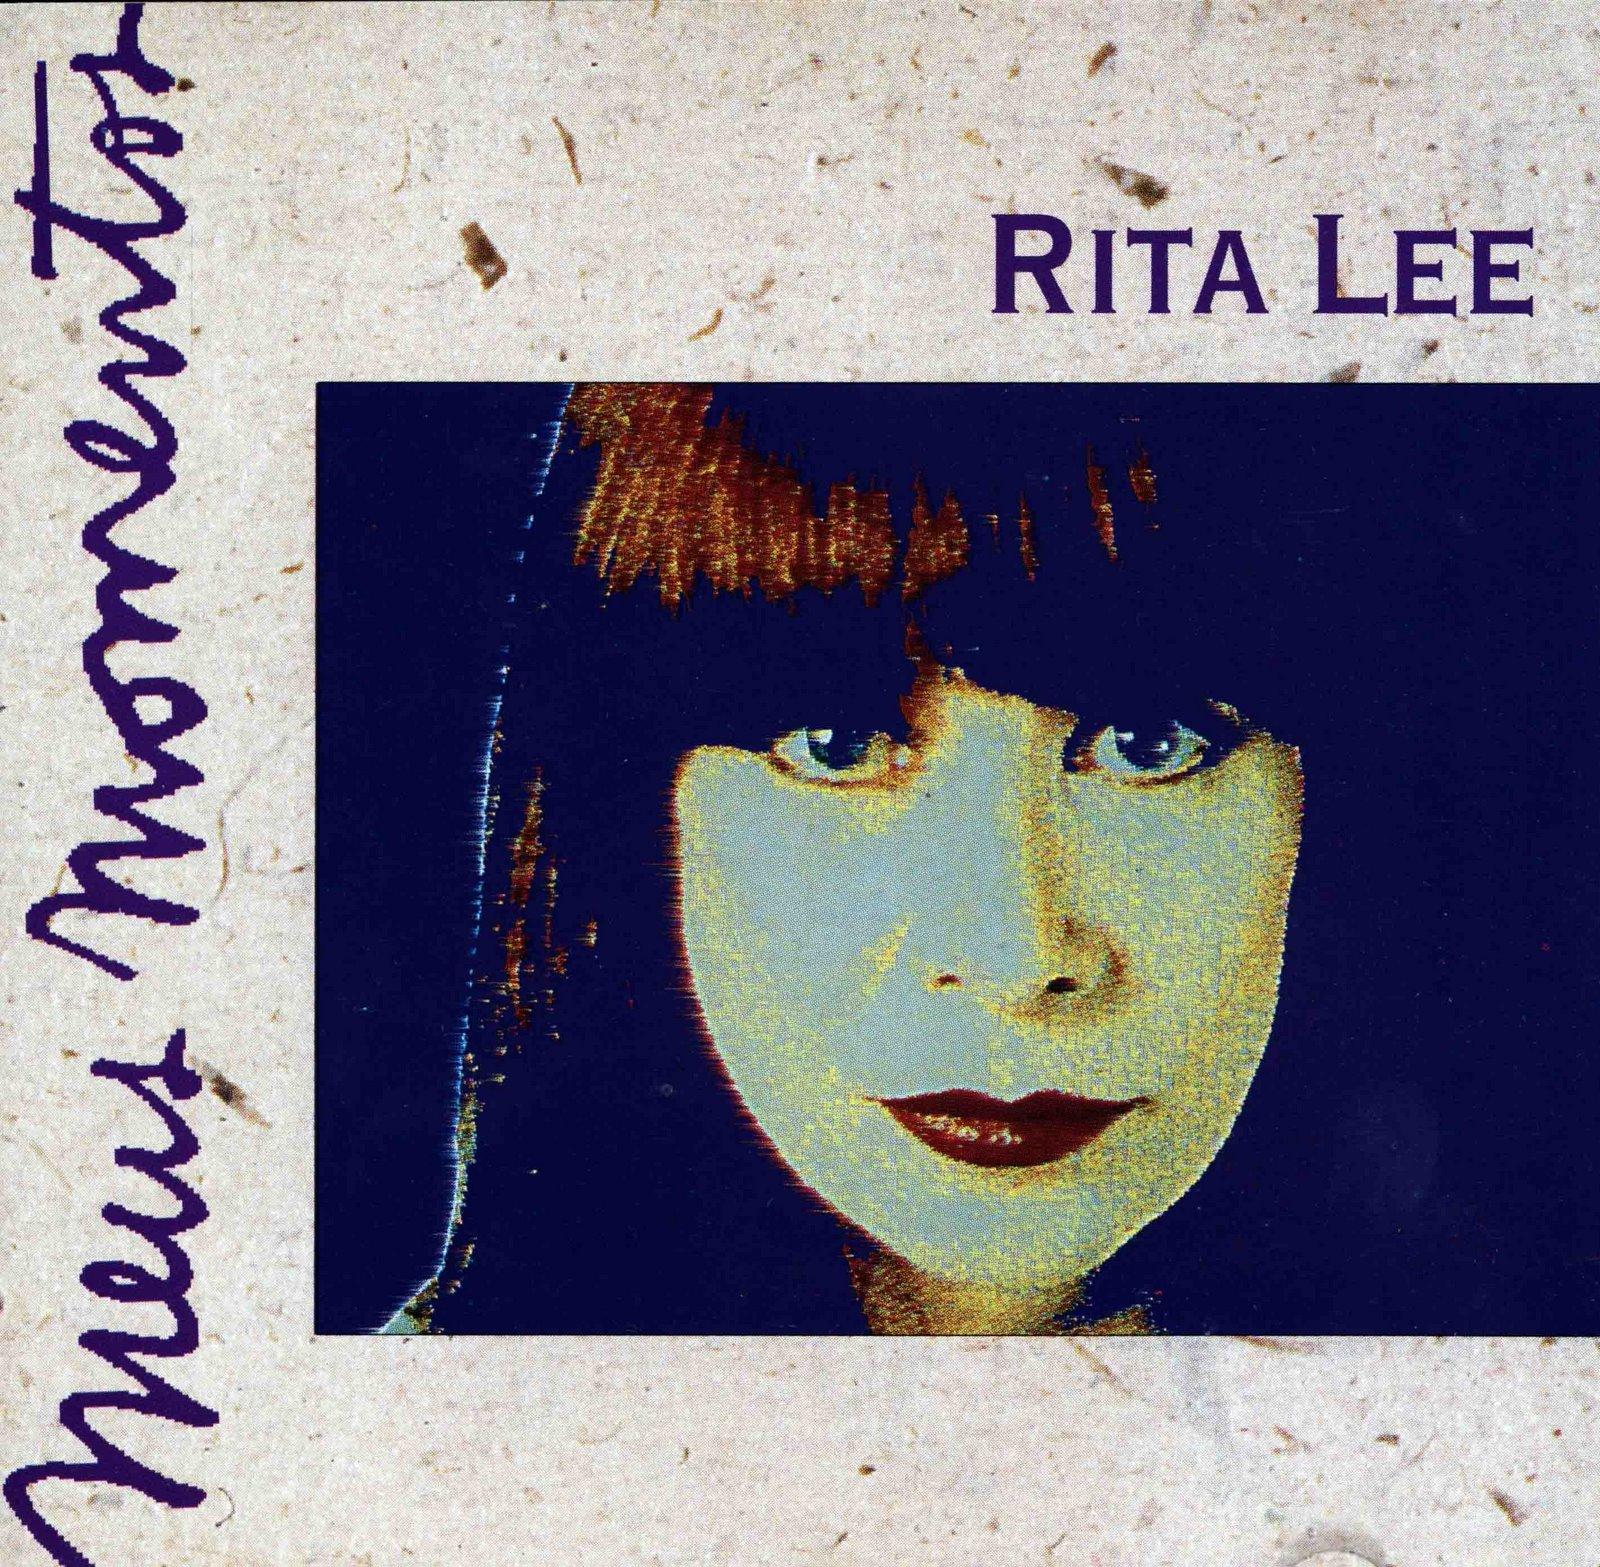 Rita Lee - Acústico